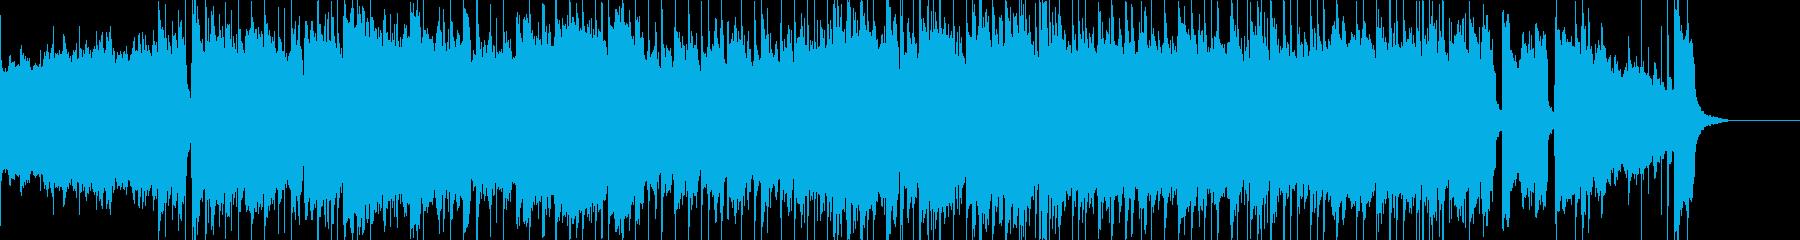 ピアノとバイオリン主体のバラードインストの再生済みの波形